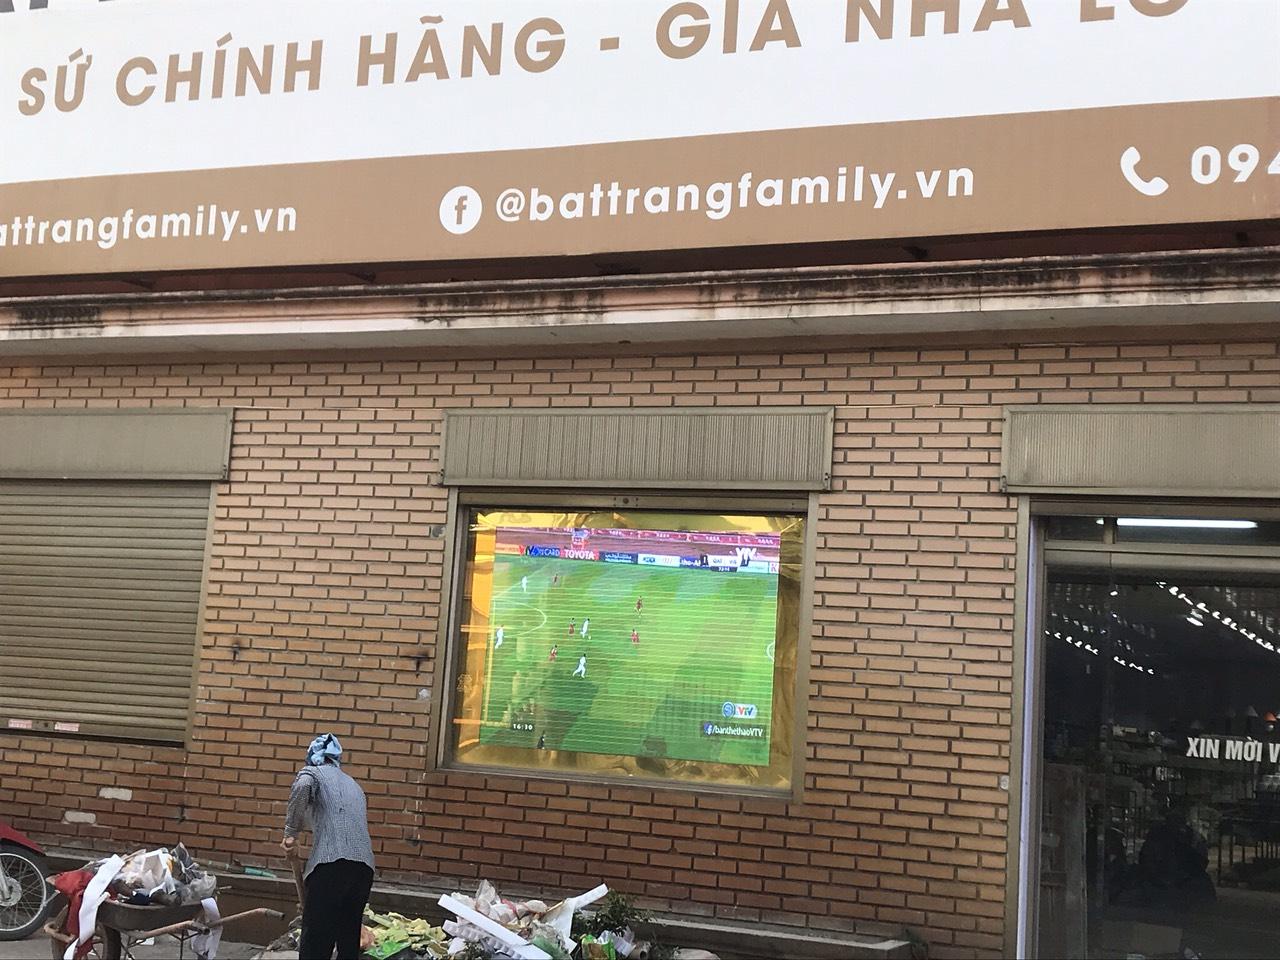 Thi công màn hình Led P4 outdoor Esdled shenzhen-1